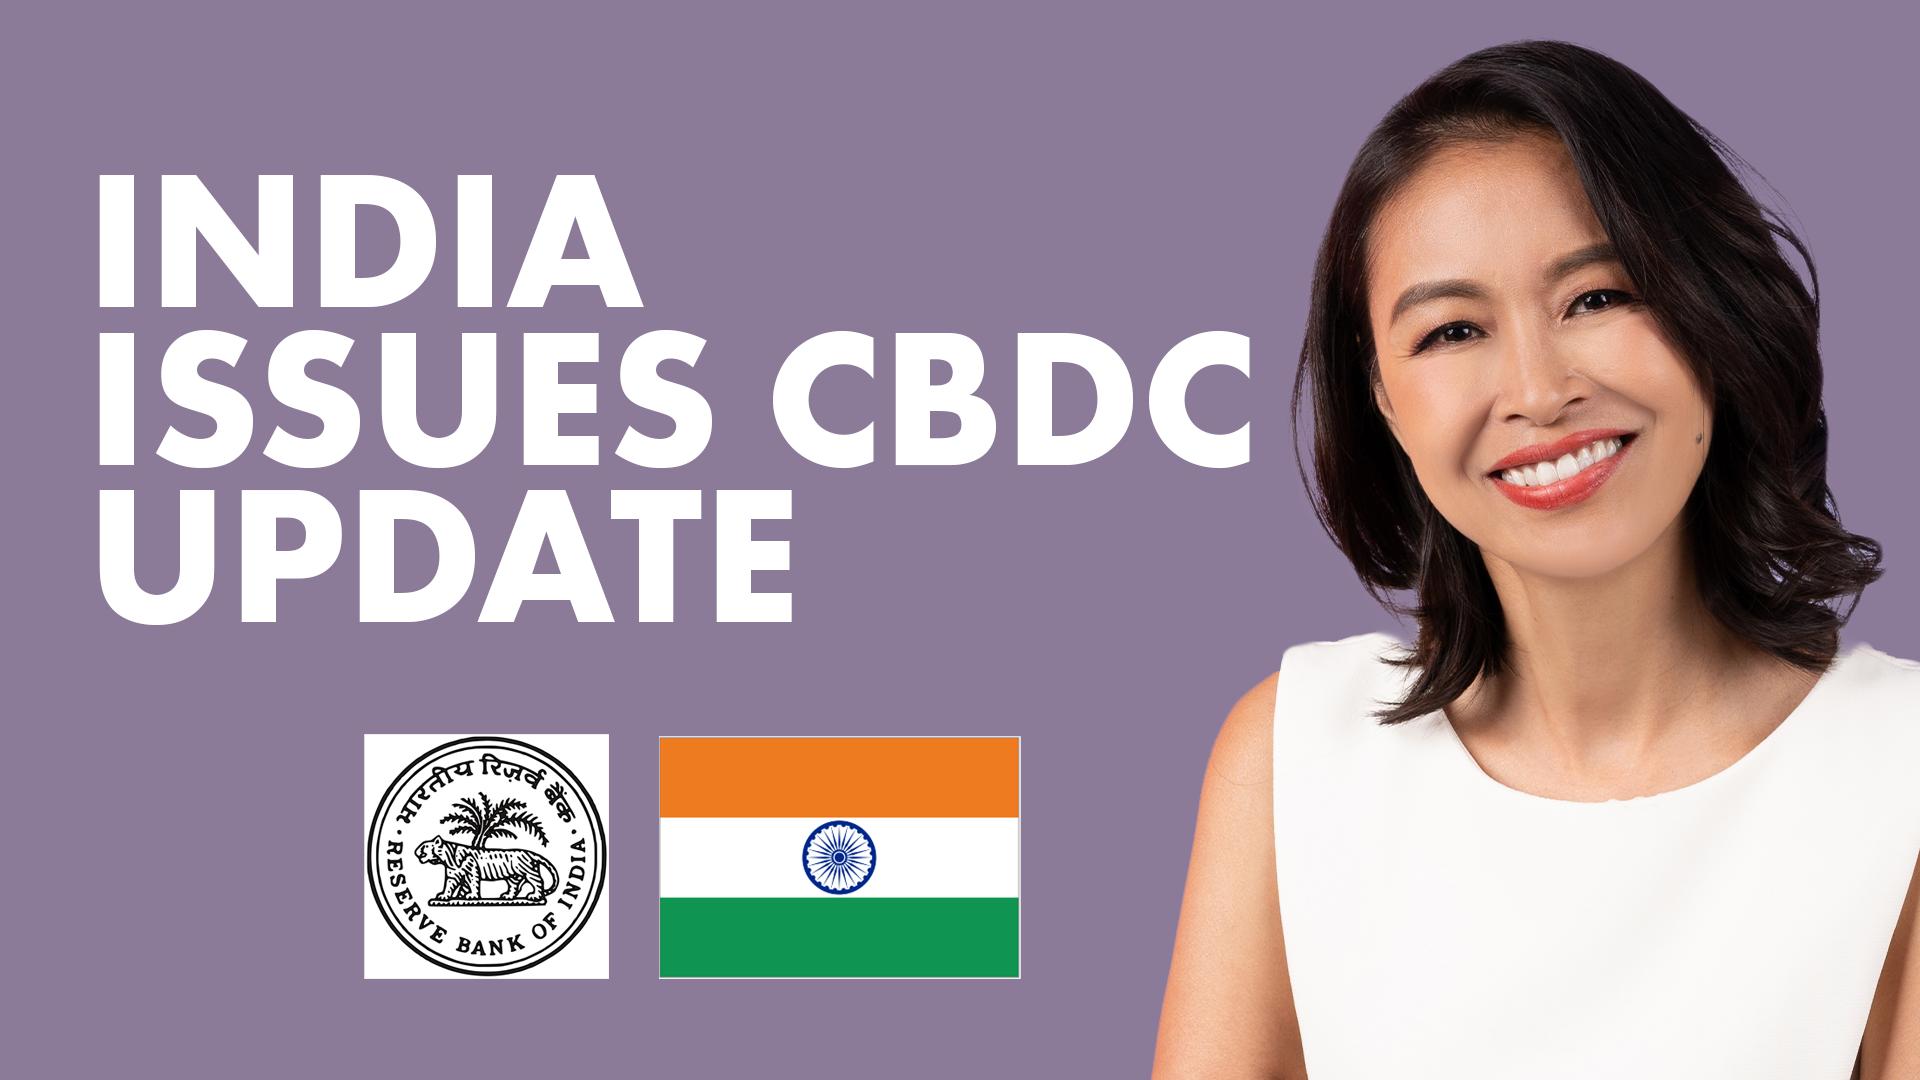 India publica actualización de CBDC;  Corea amenaza con bloquear intercambios